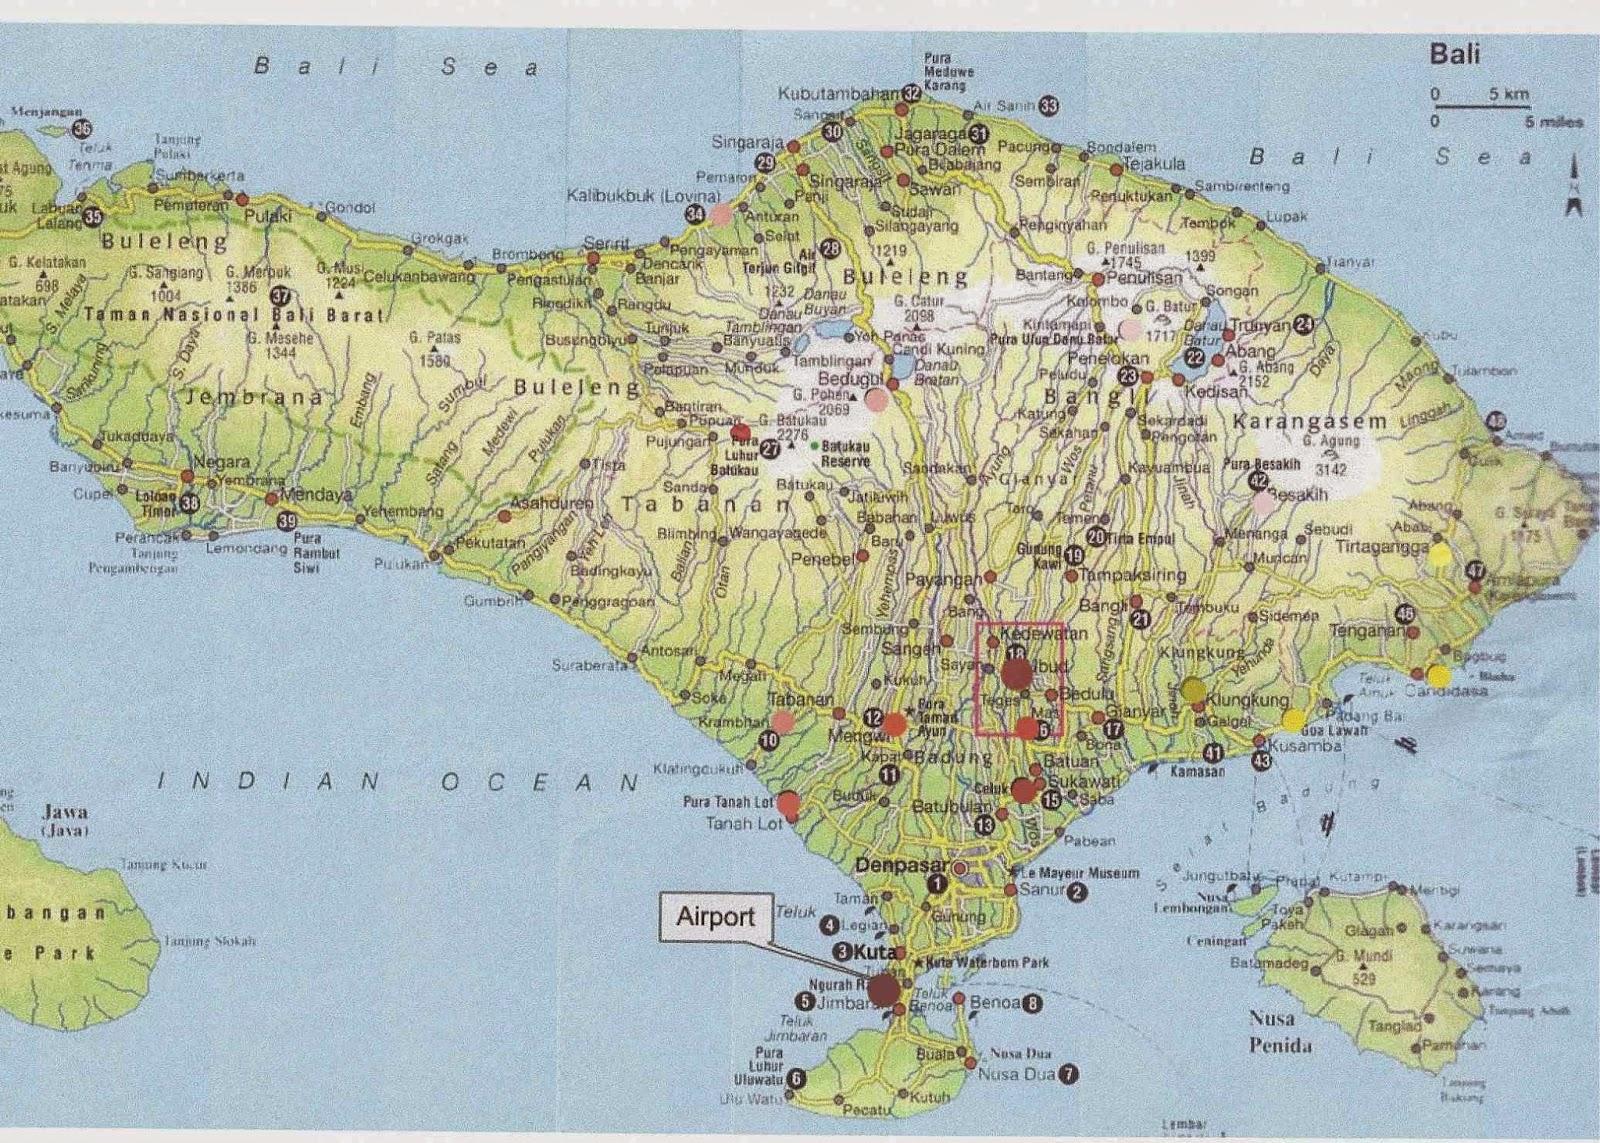 Kaart bali kaart kaart bali 2017 map of bali overzichtelijke kaart bali tico reis consult bali landkaart bali map plattegrond van bali map bangli rob korpelshoek altavistaventures Gallery